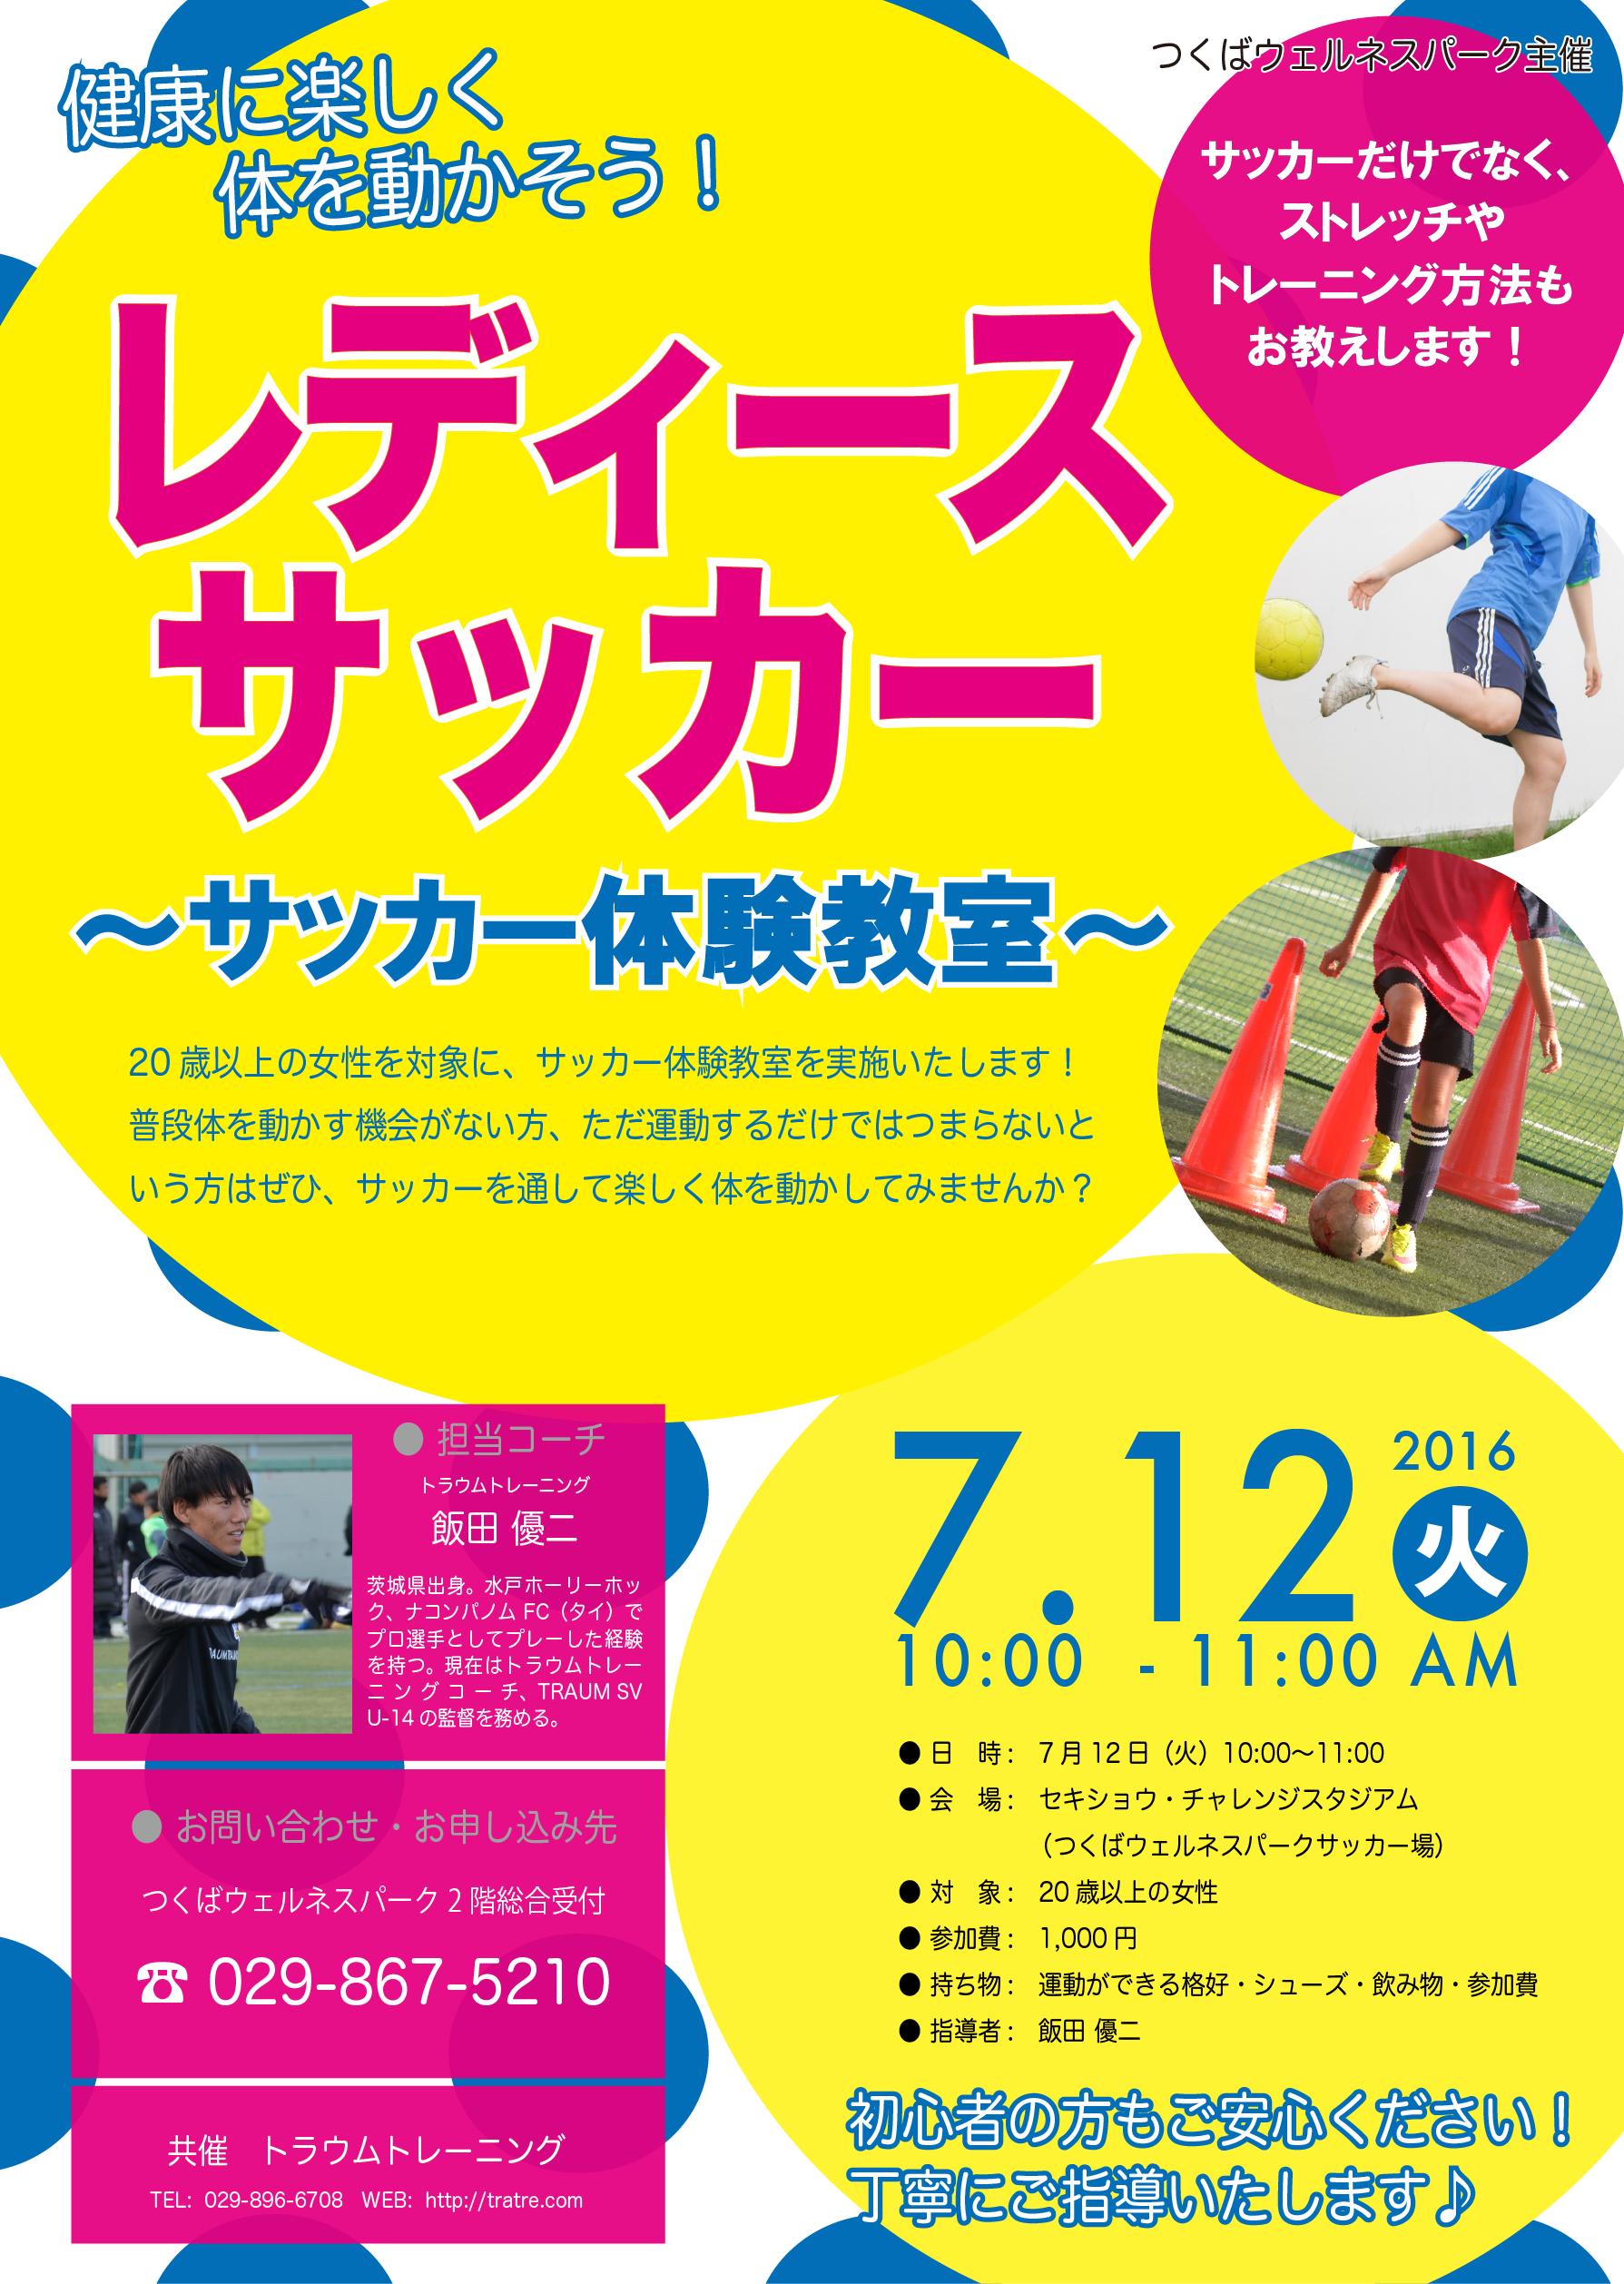 ママさんサッカー体験教室ちらし②-01